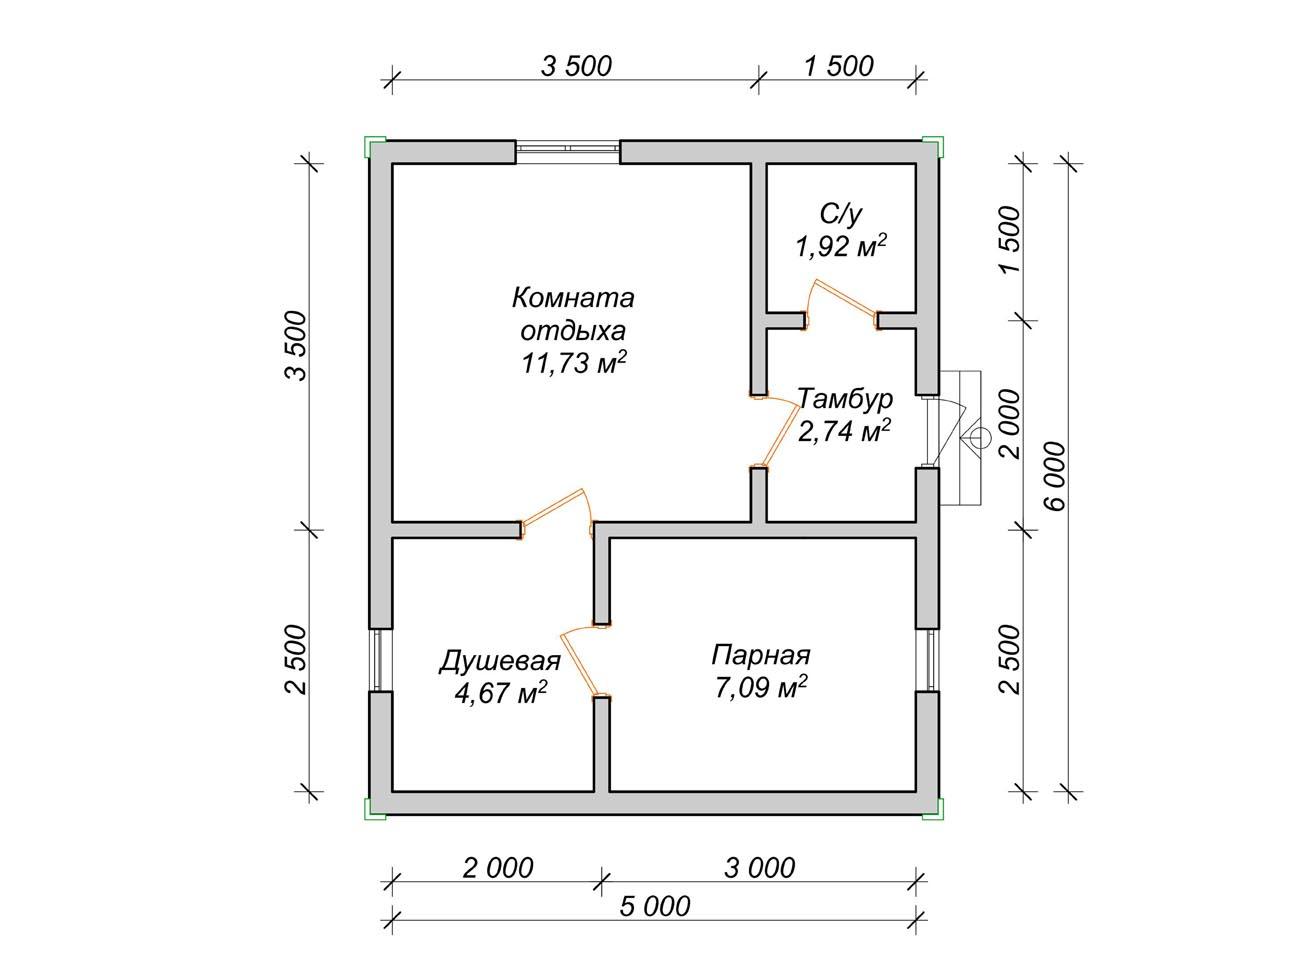 Проекты бани размером 5х7 – готовые решения для компактной постройки